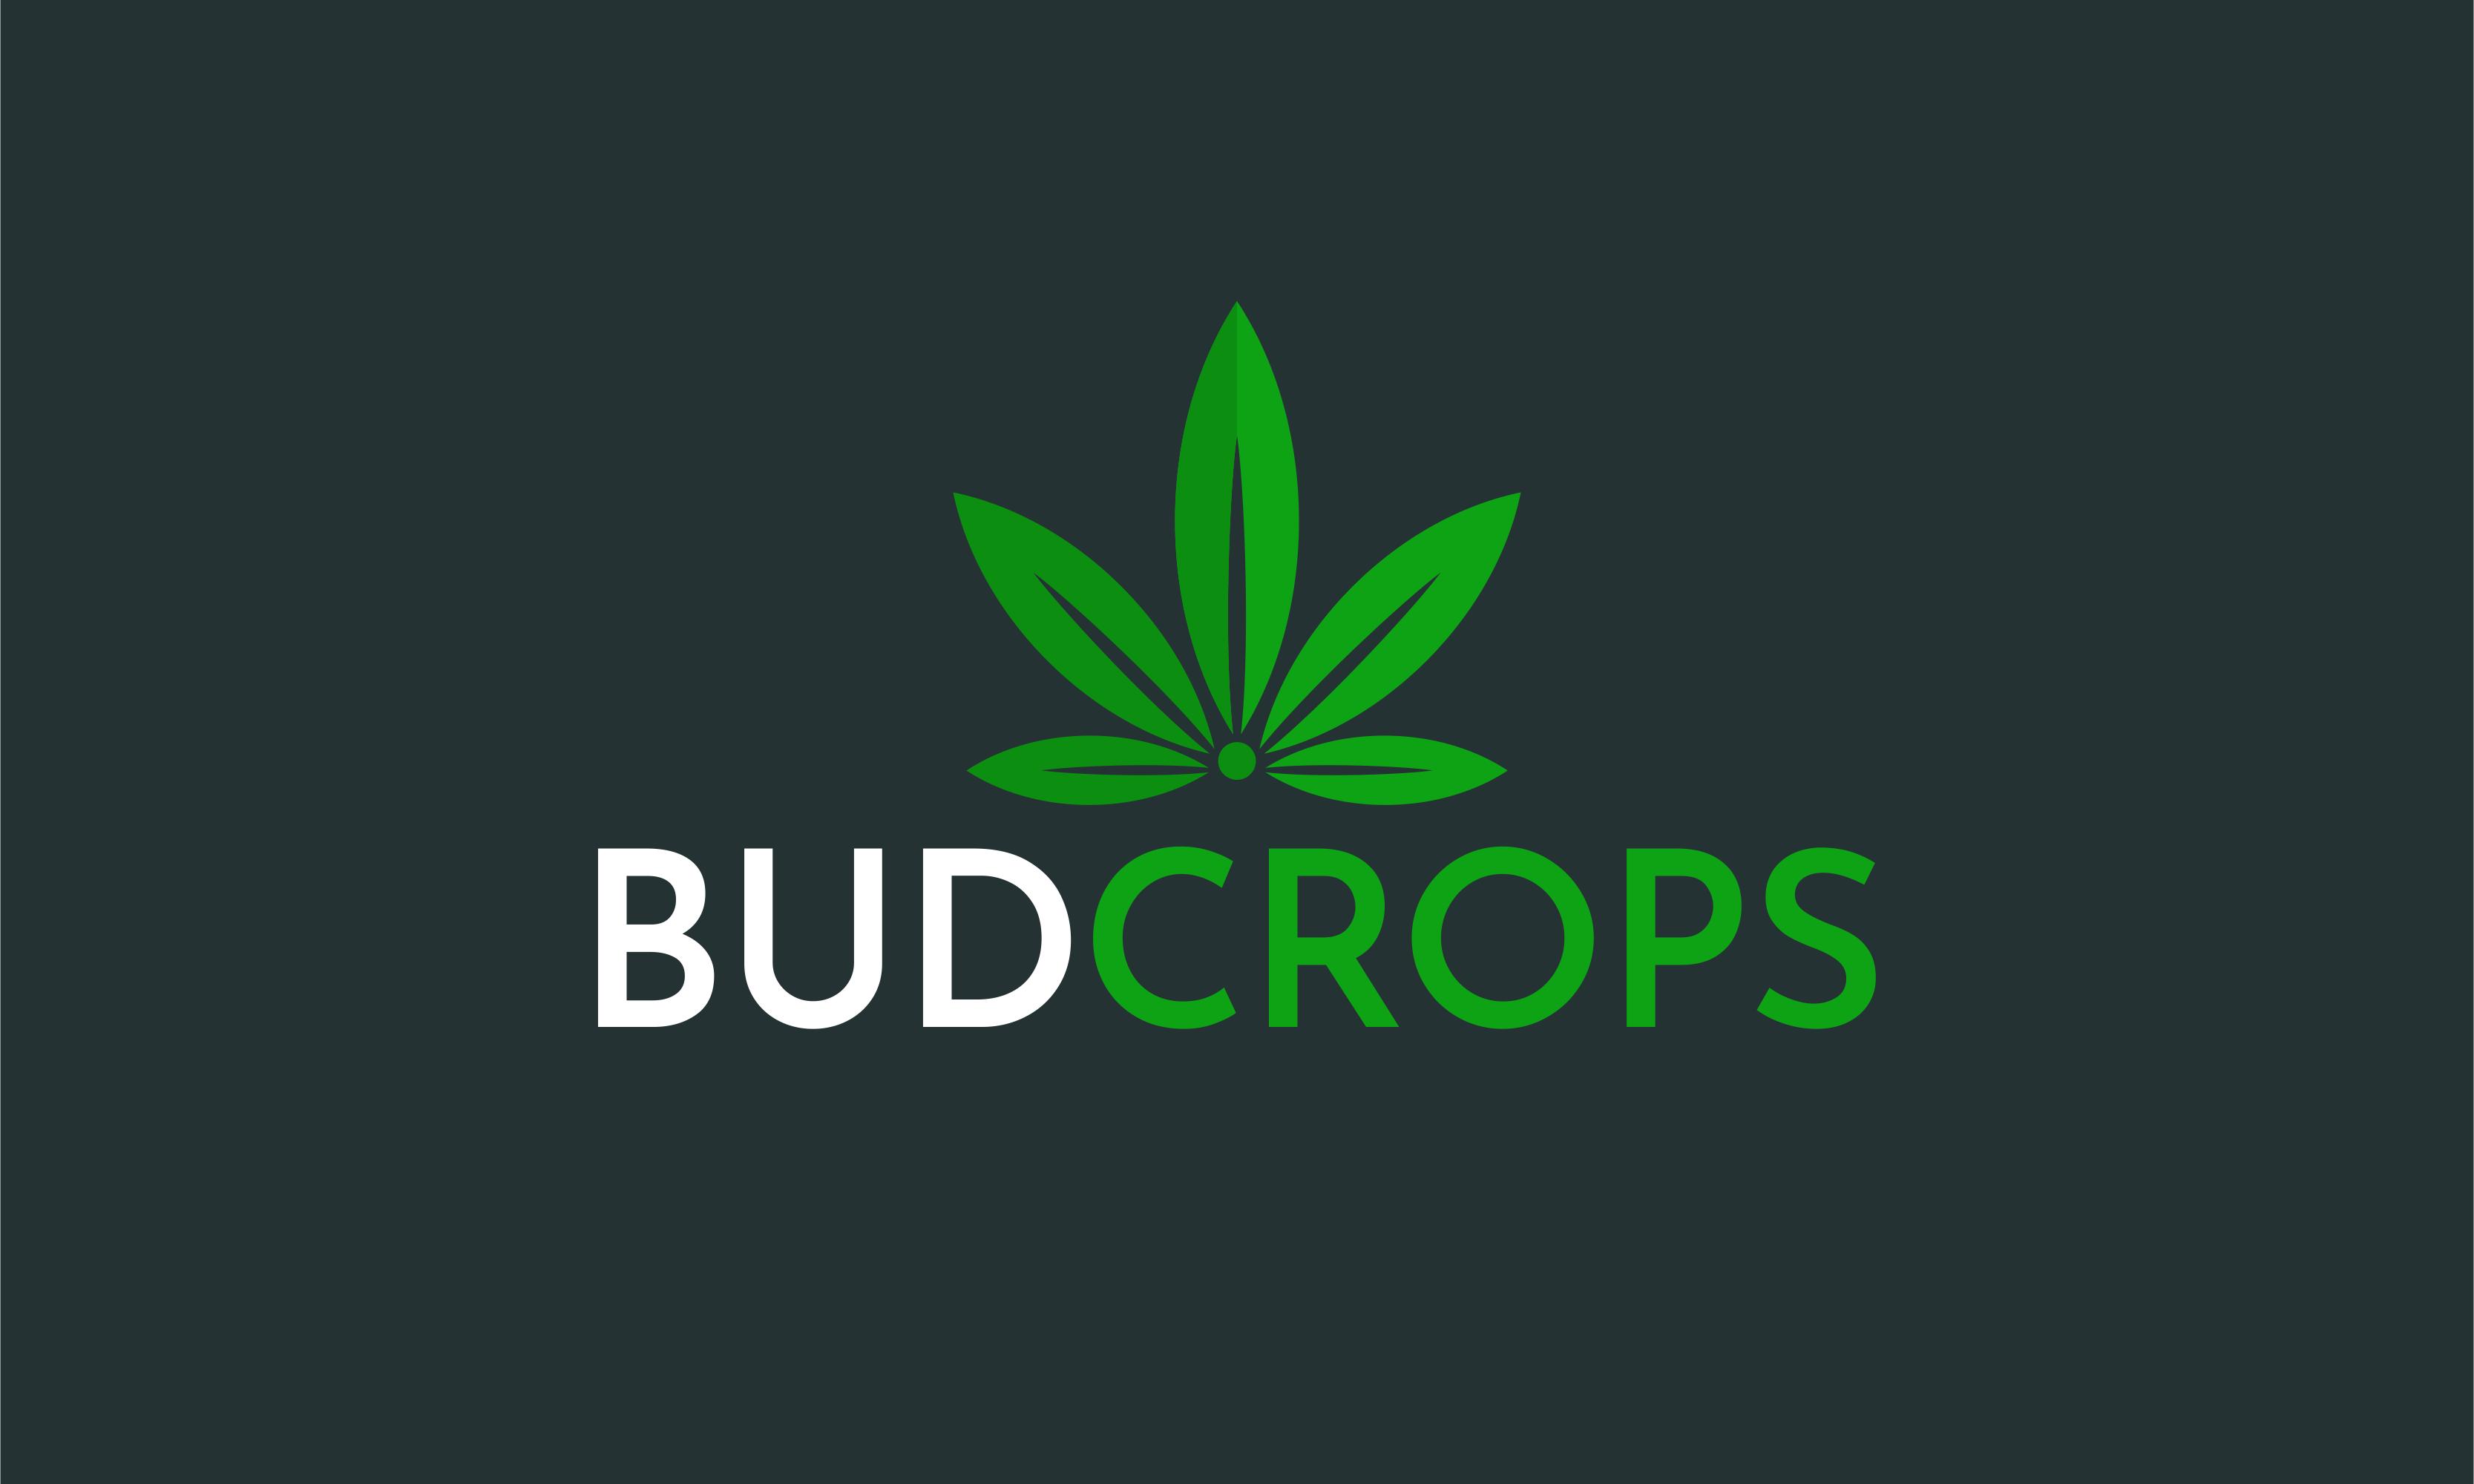 Budcrops